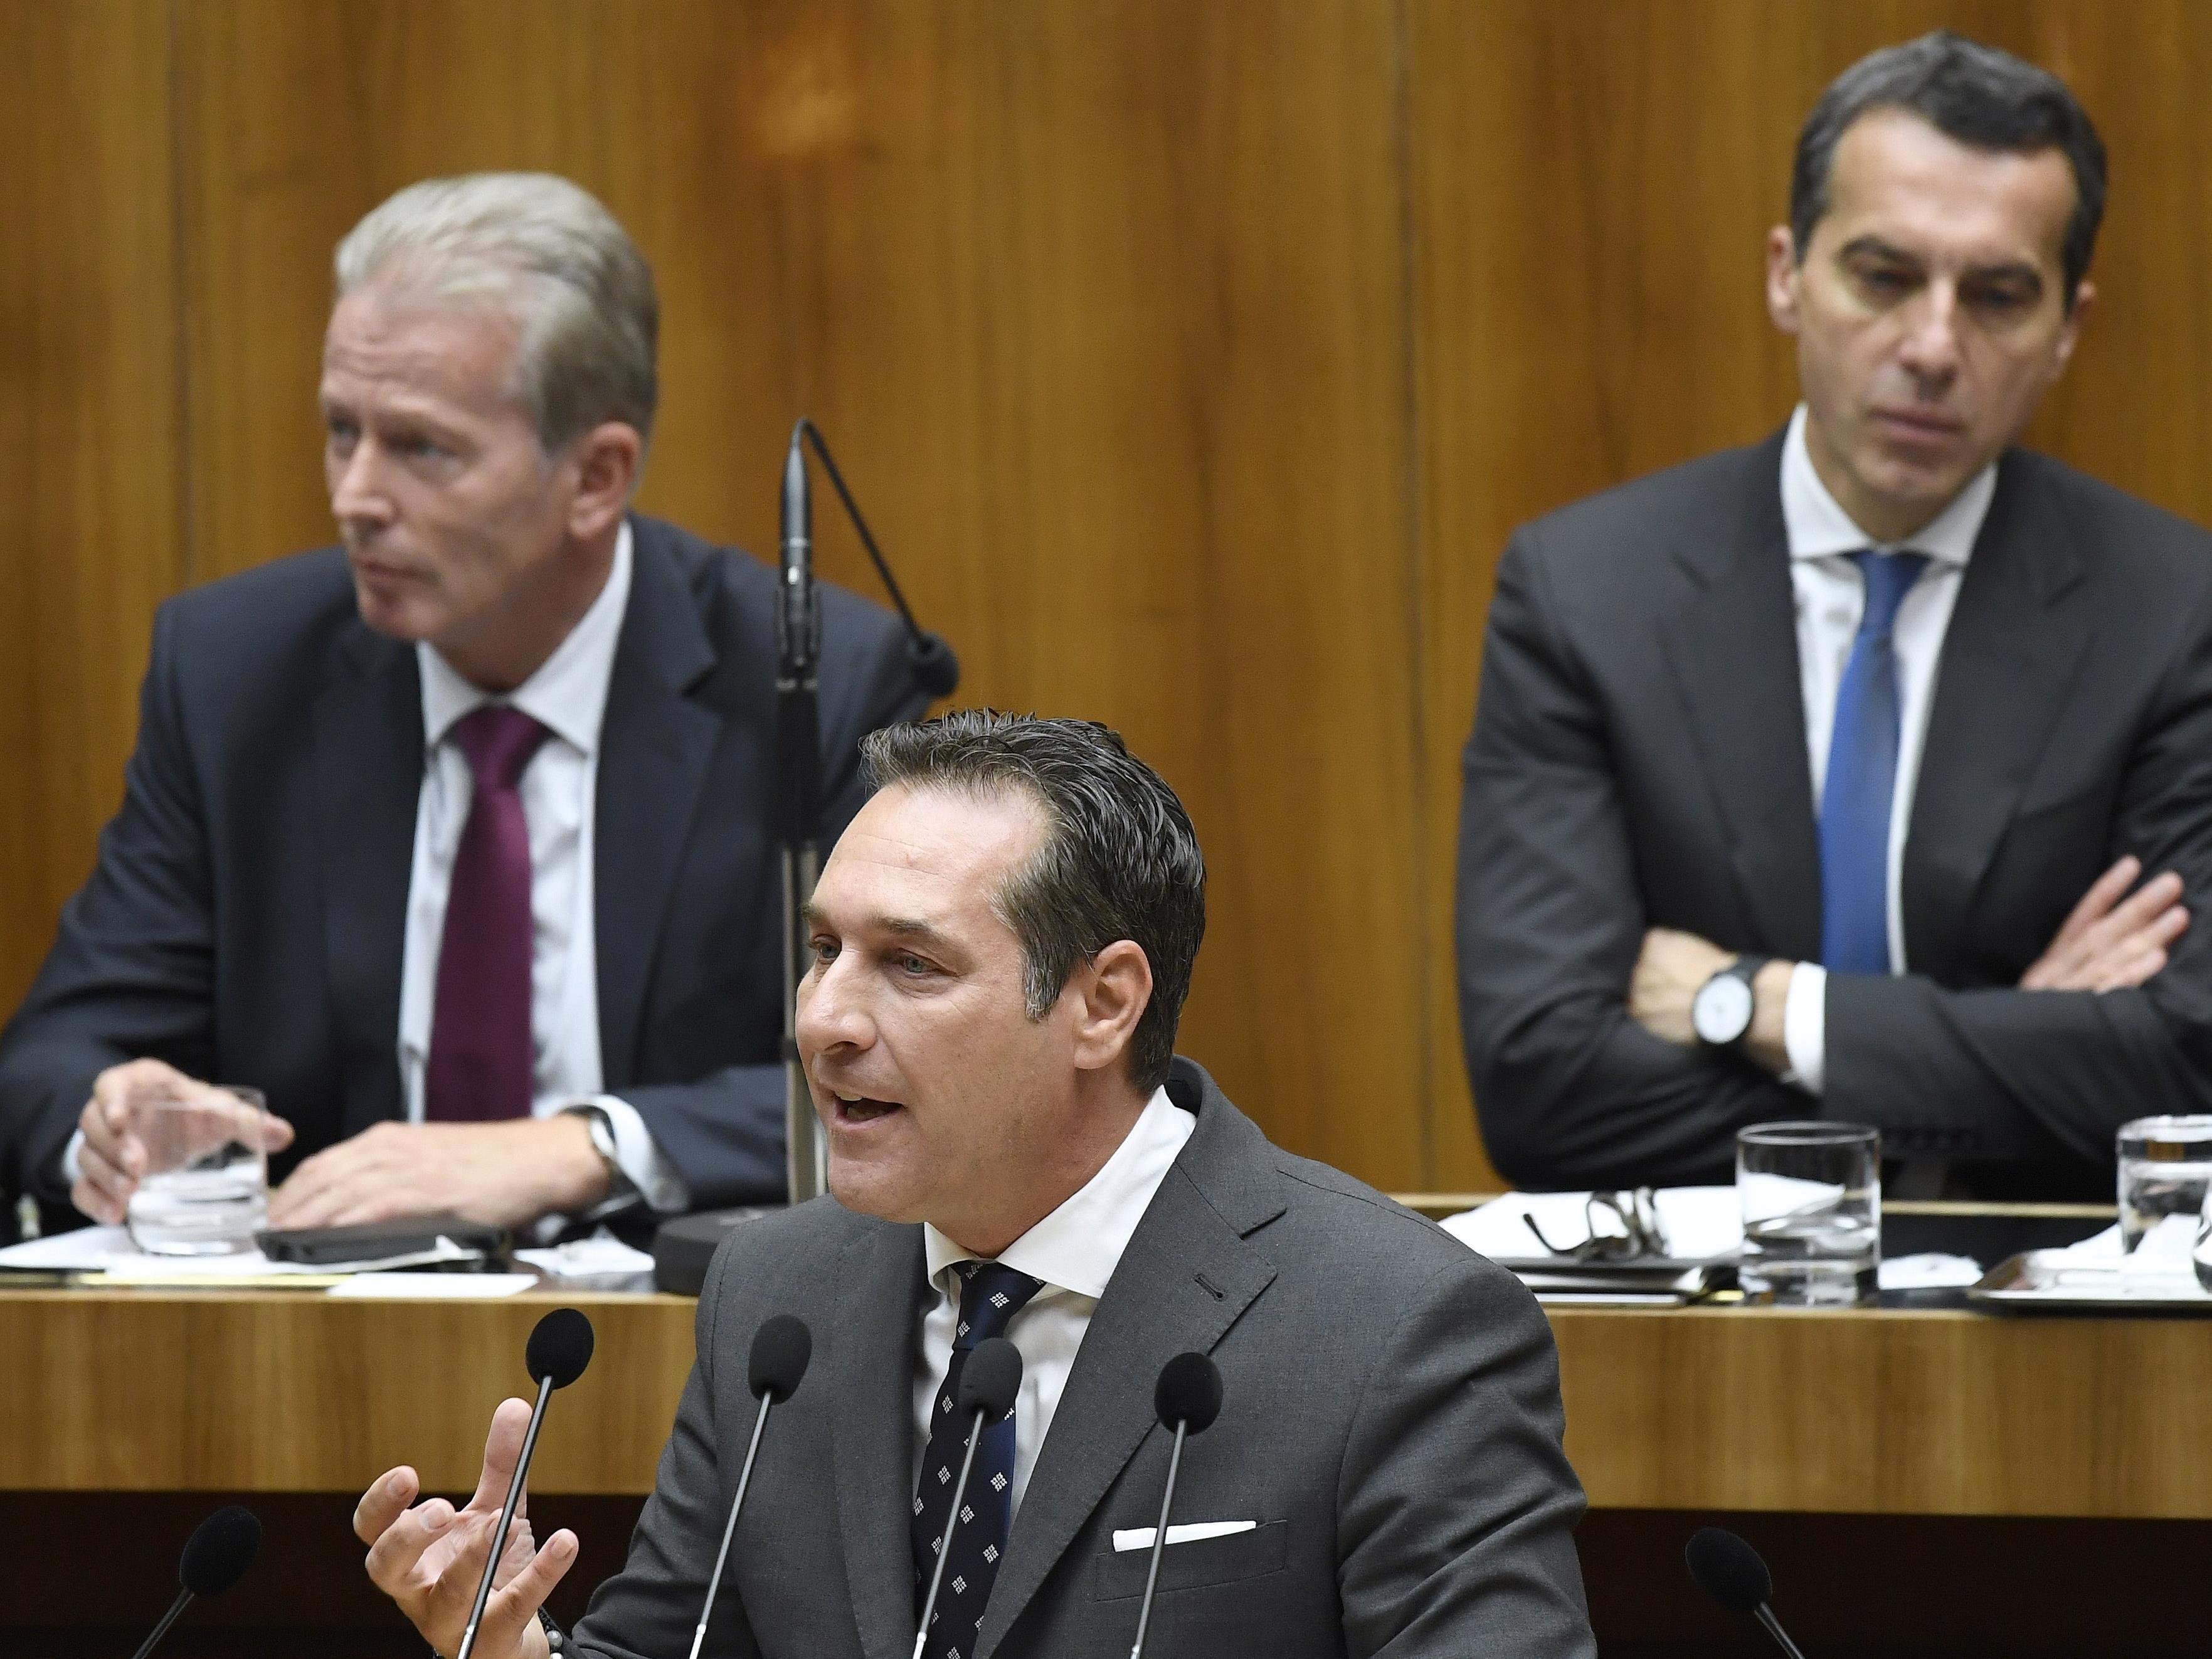 Mitterlehner: Gemeinsam gegen internationalen Terrorismus kämpfen - Kurz: Barbarischer Akt.